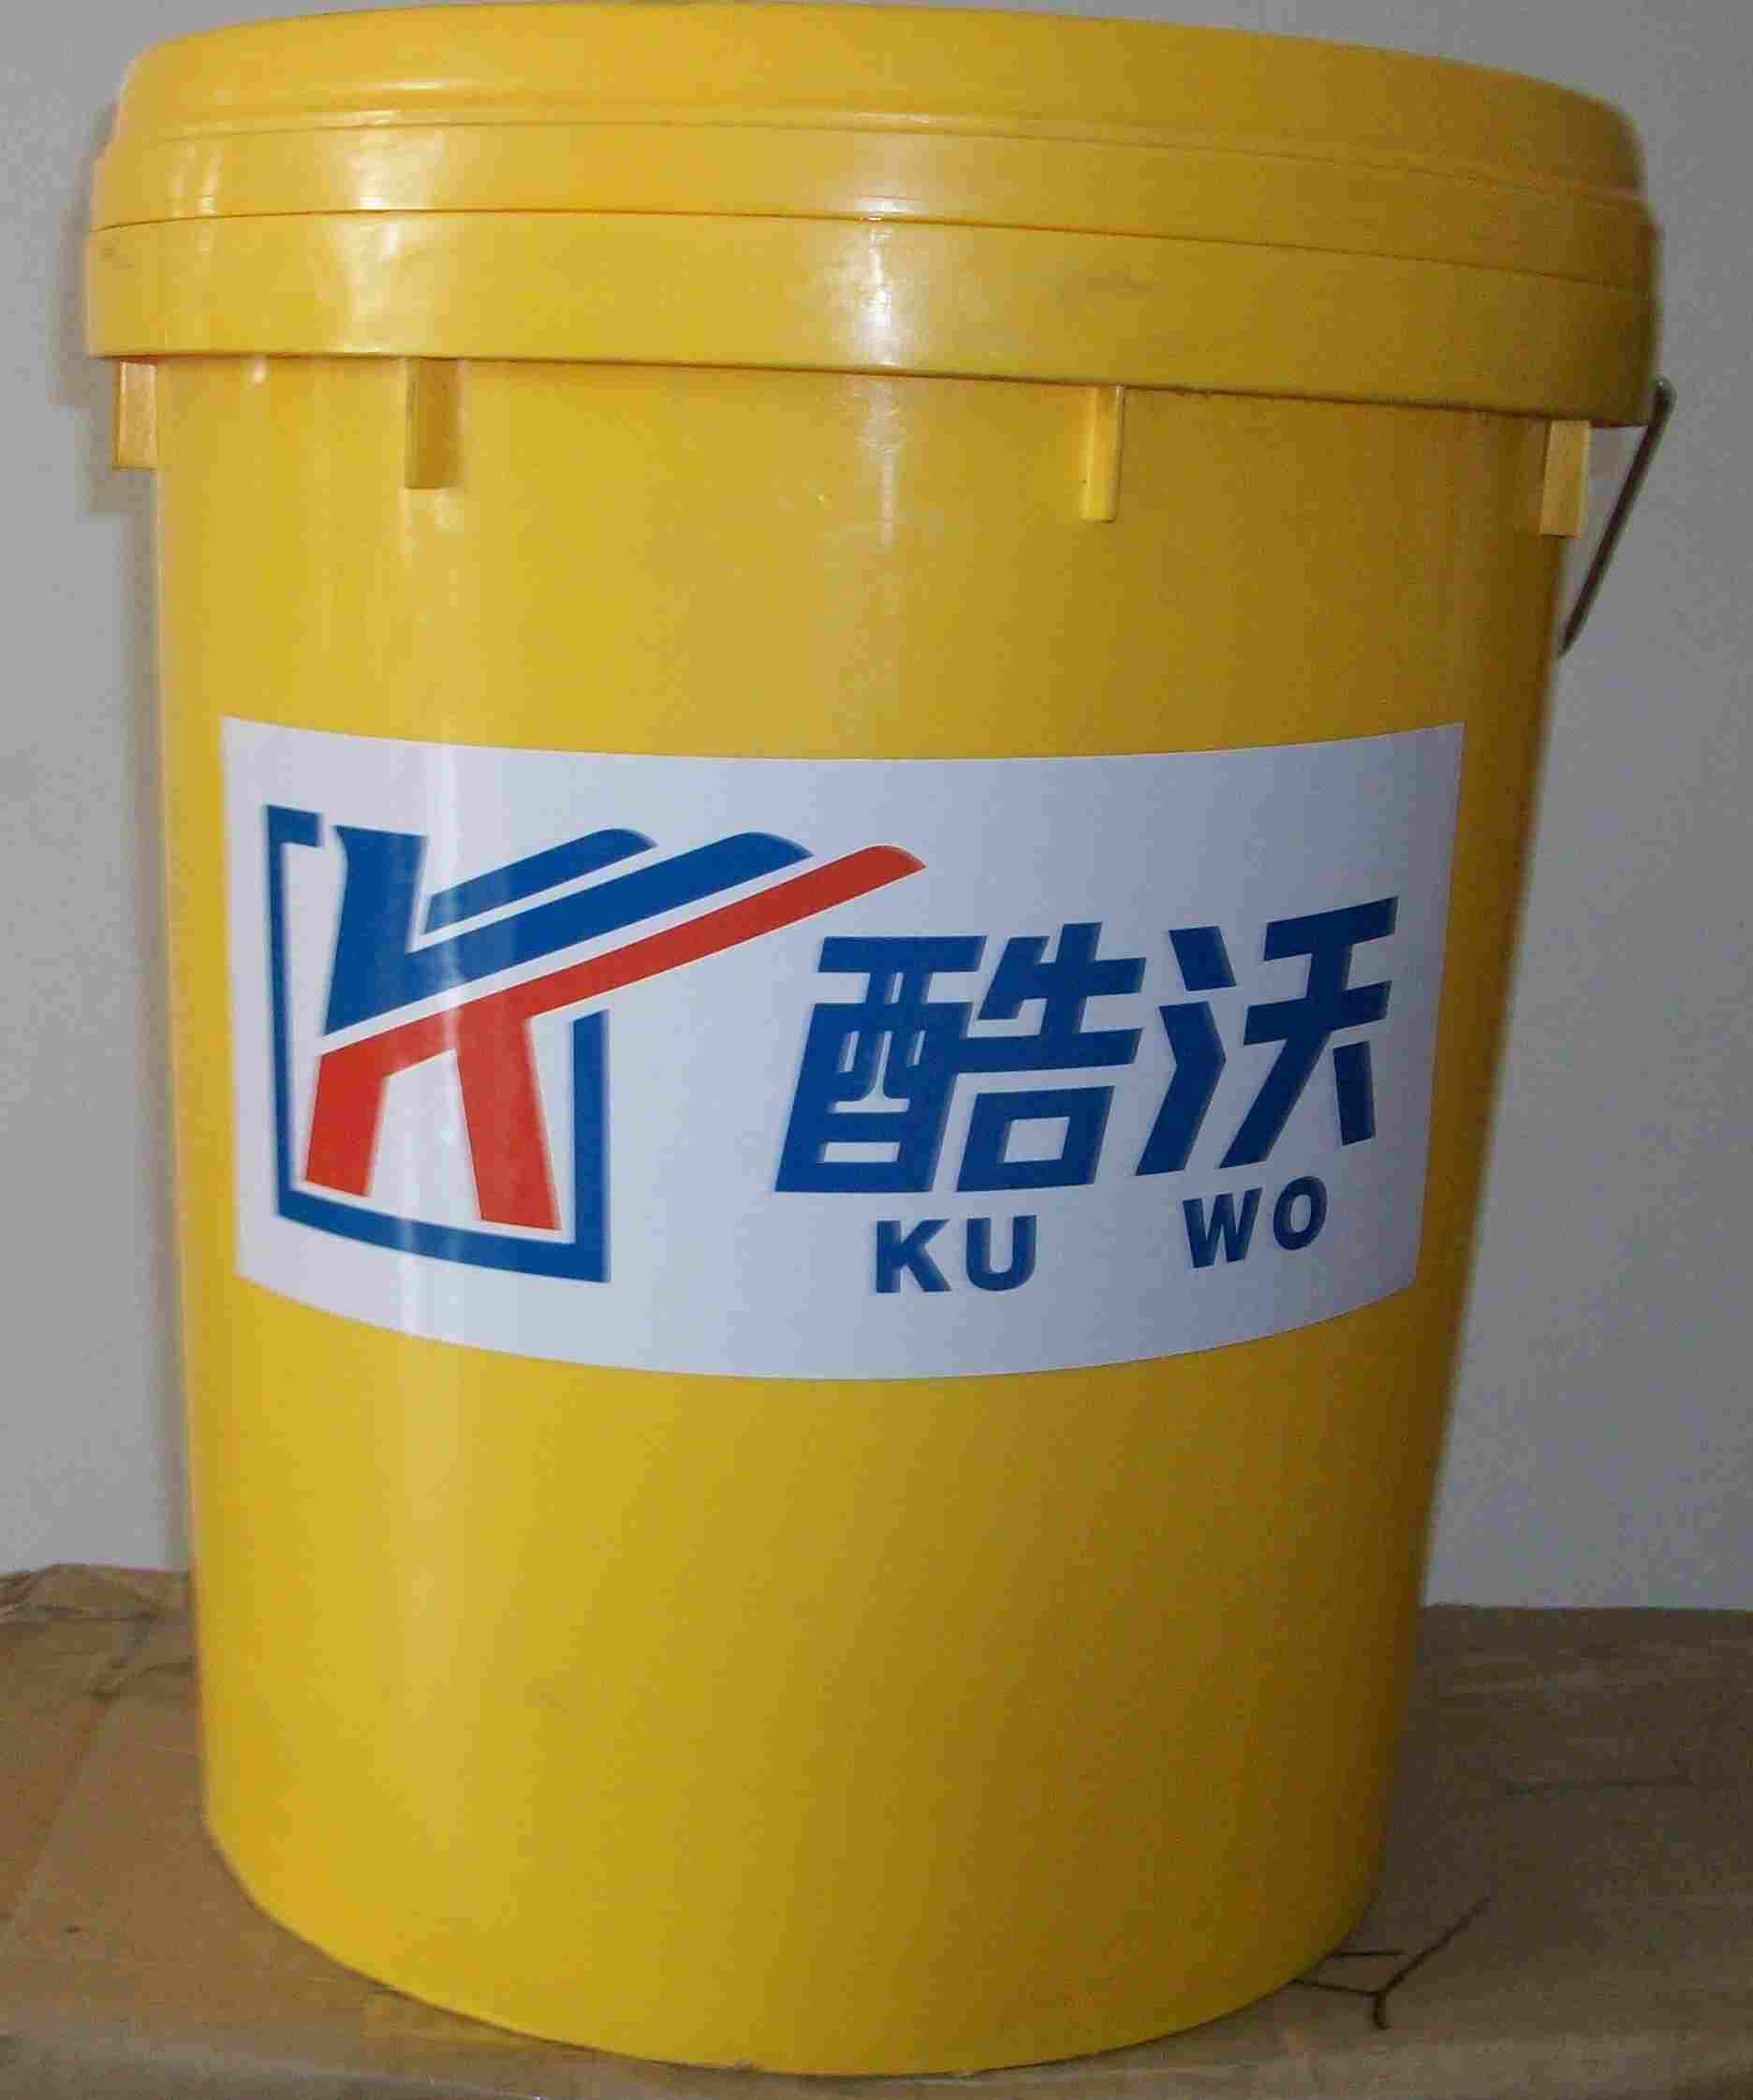 沈阳酷沃机械_质量好的螺杆式空压机配件提供商-供销螺杆空压机配件